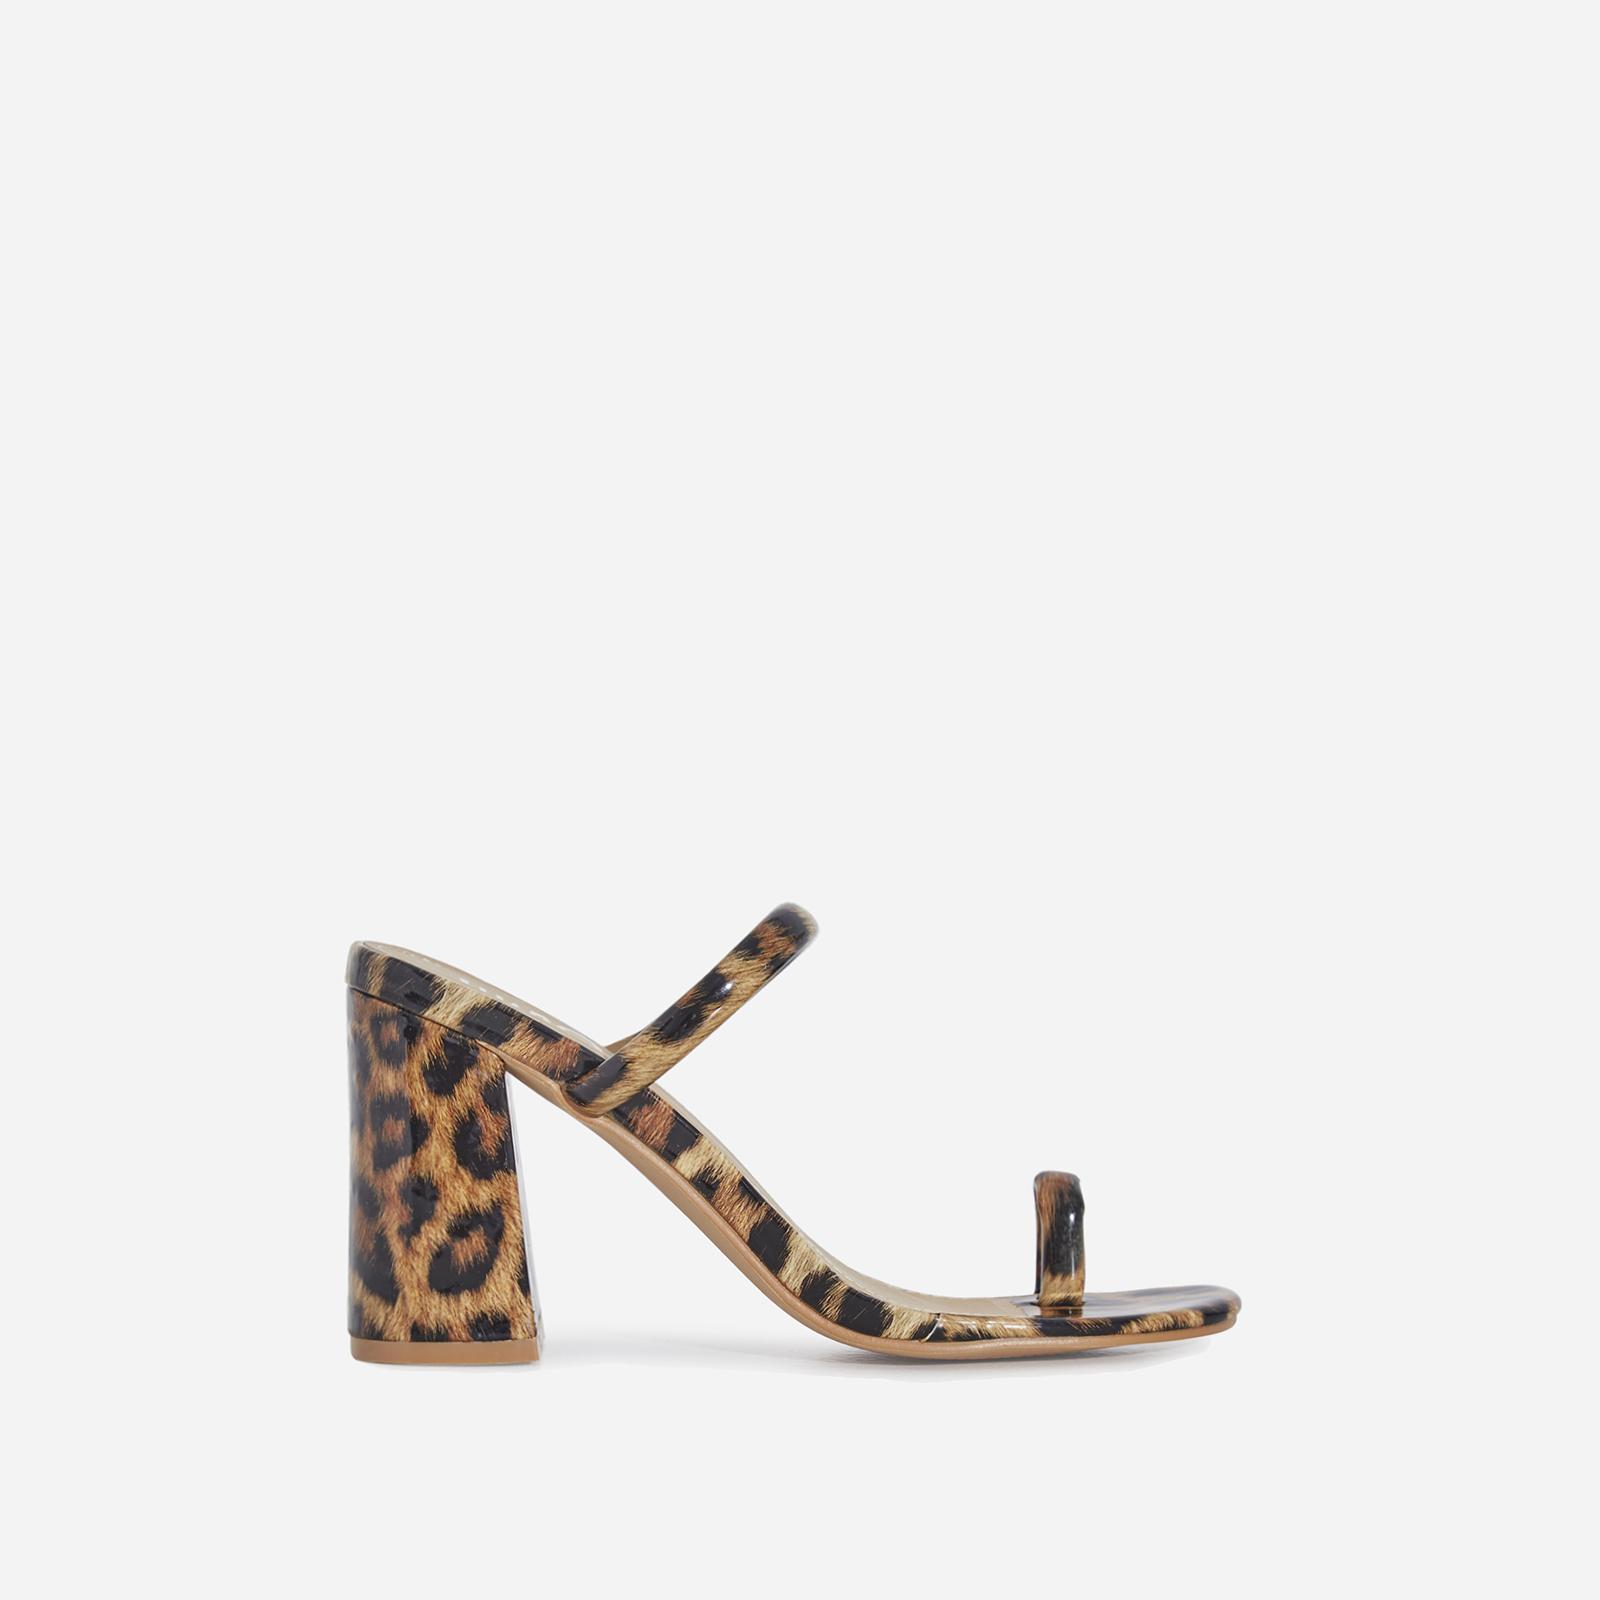 Kourt Toe Strap Black Heel Mule In Tan Leopard Print Patent